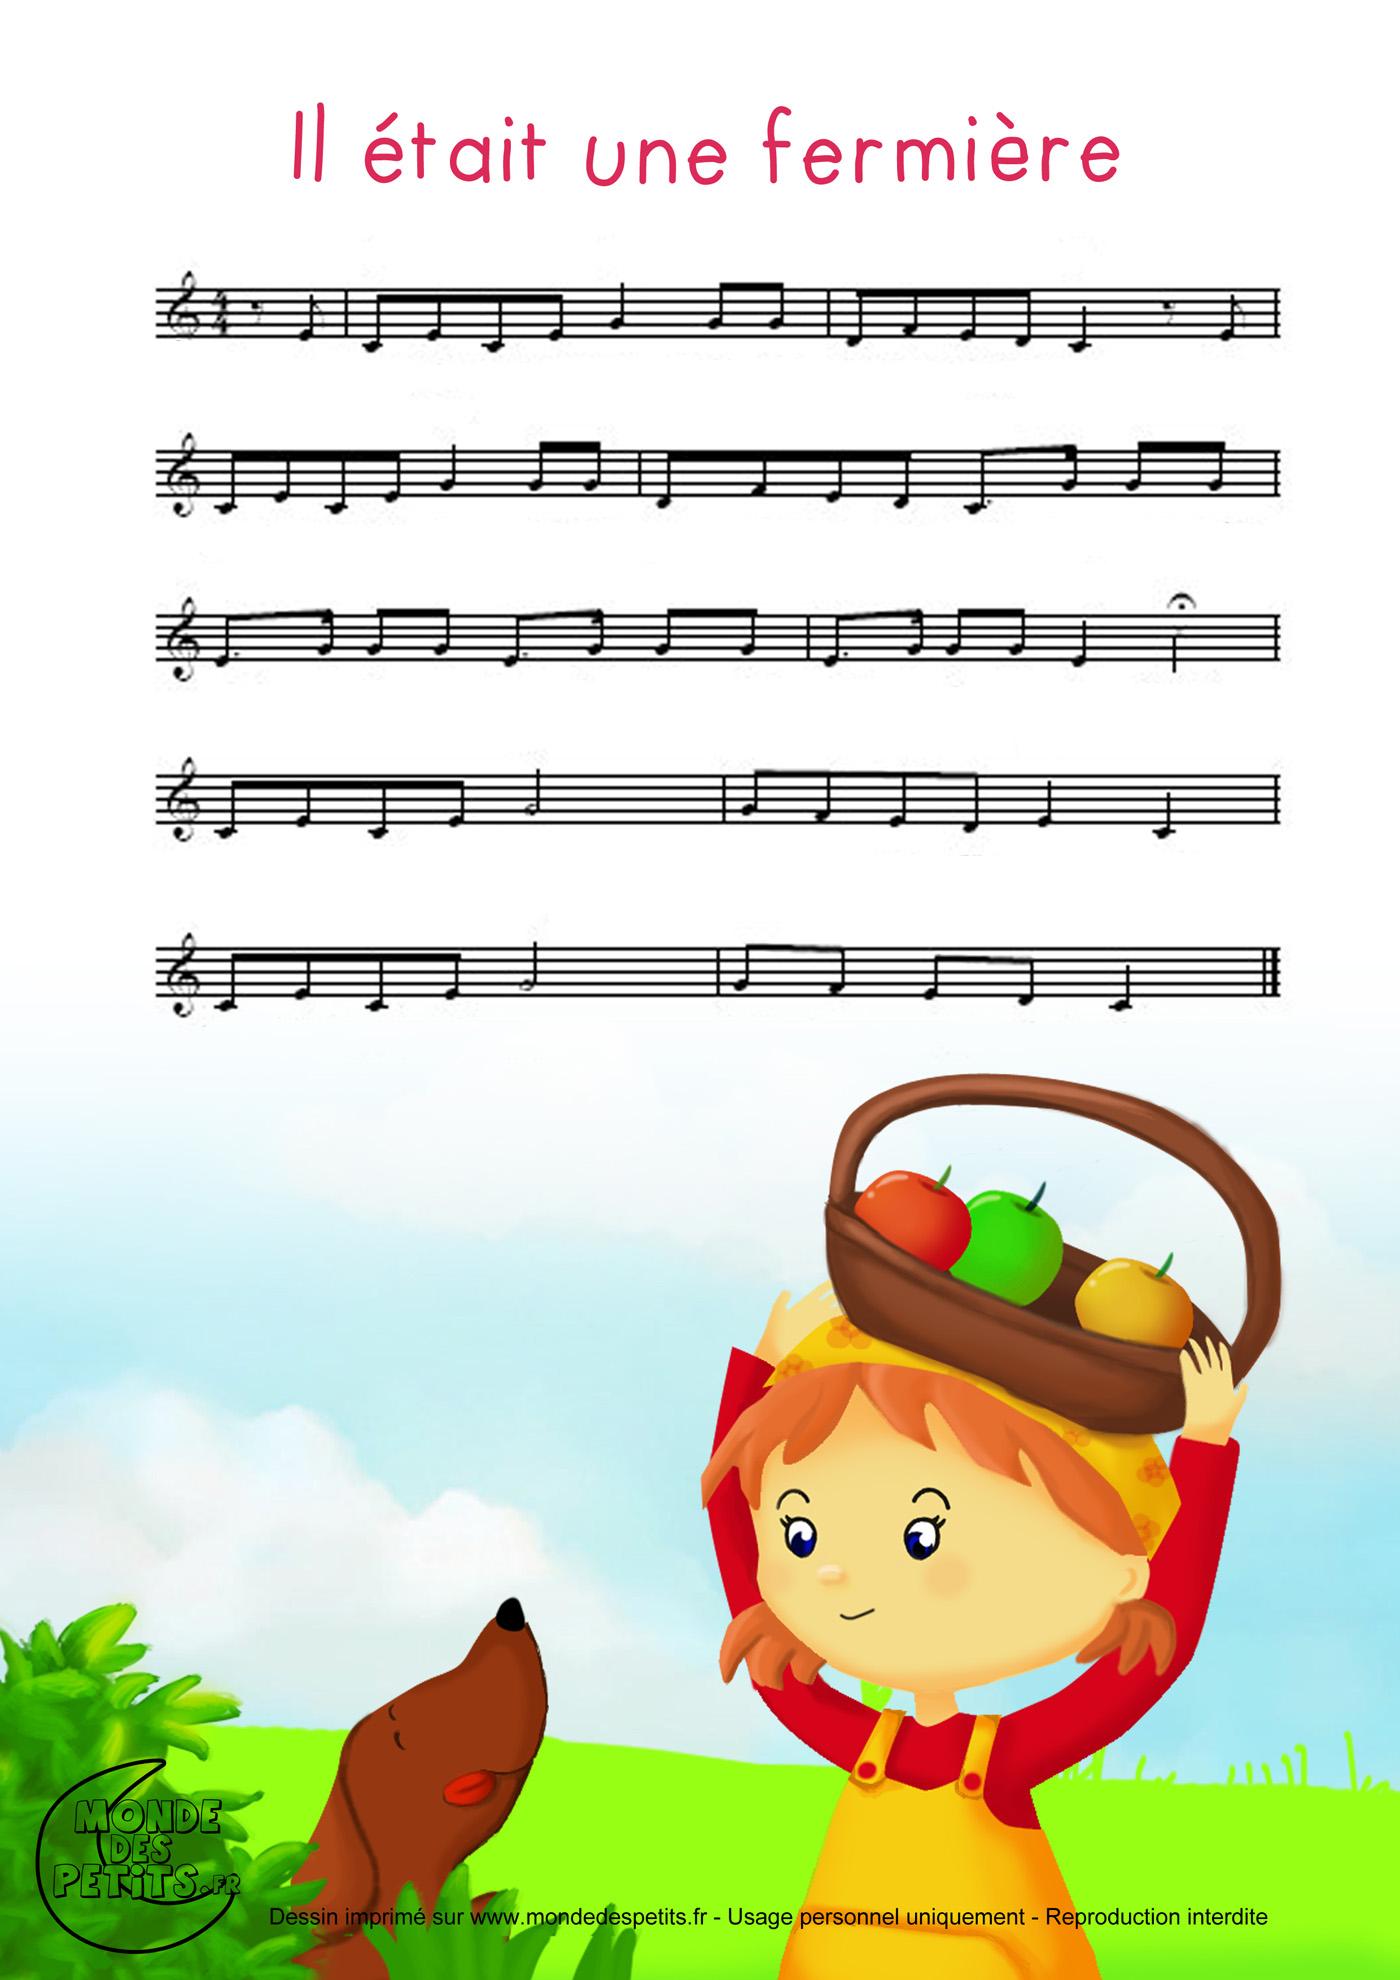 chanson, parole, partition, enfant, fermiere, etait, rouli, roula